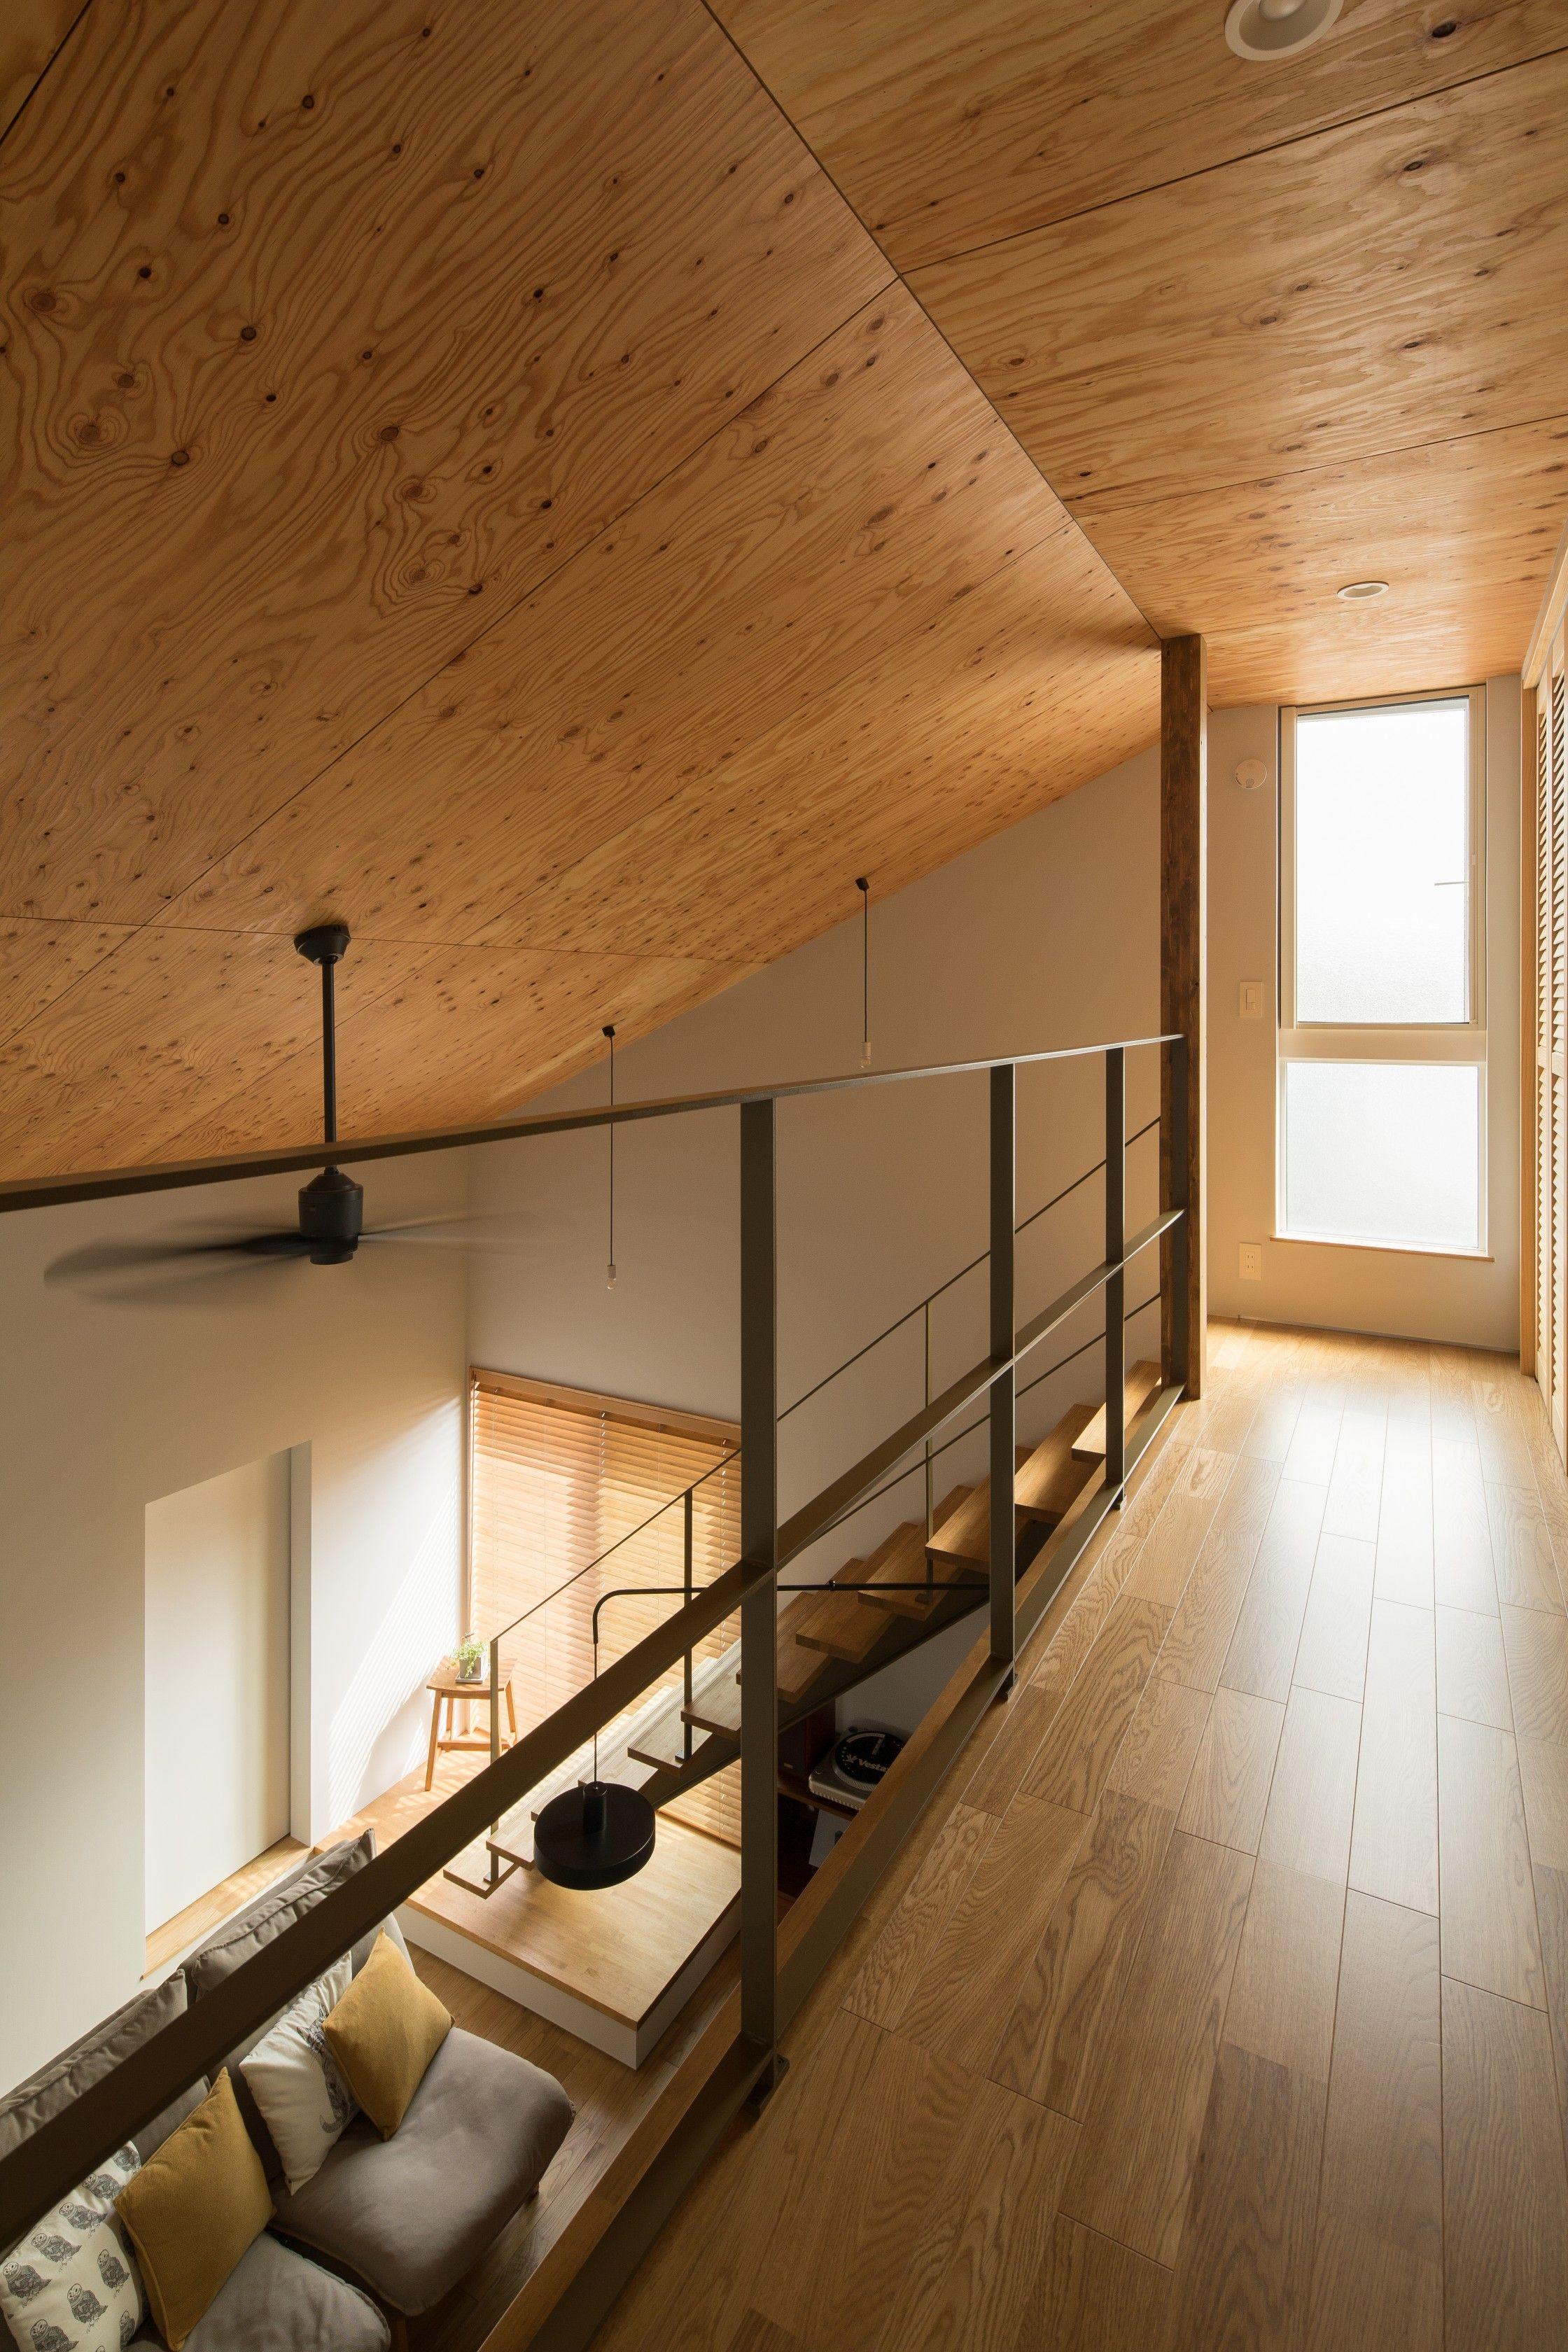 窓から差し込む光と木を用いた勾配天井の吹き抜け ルポハウス 設計